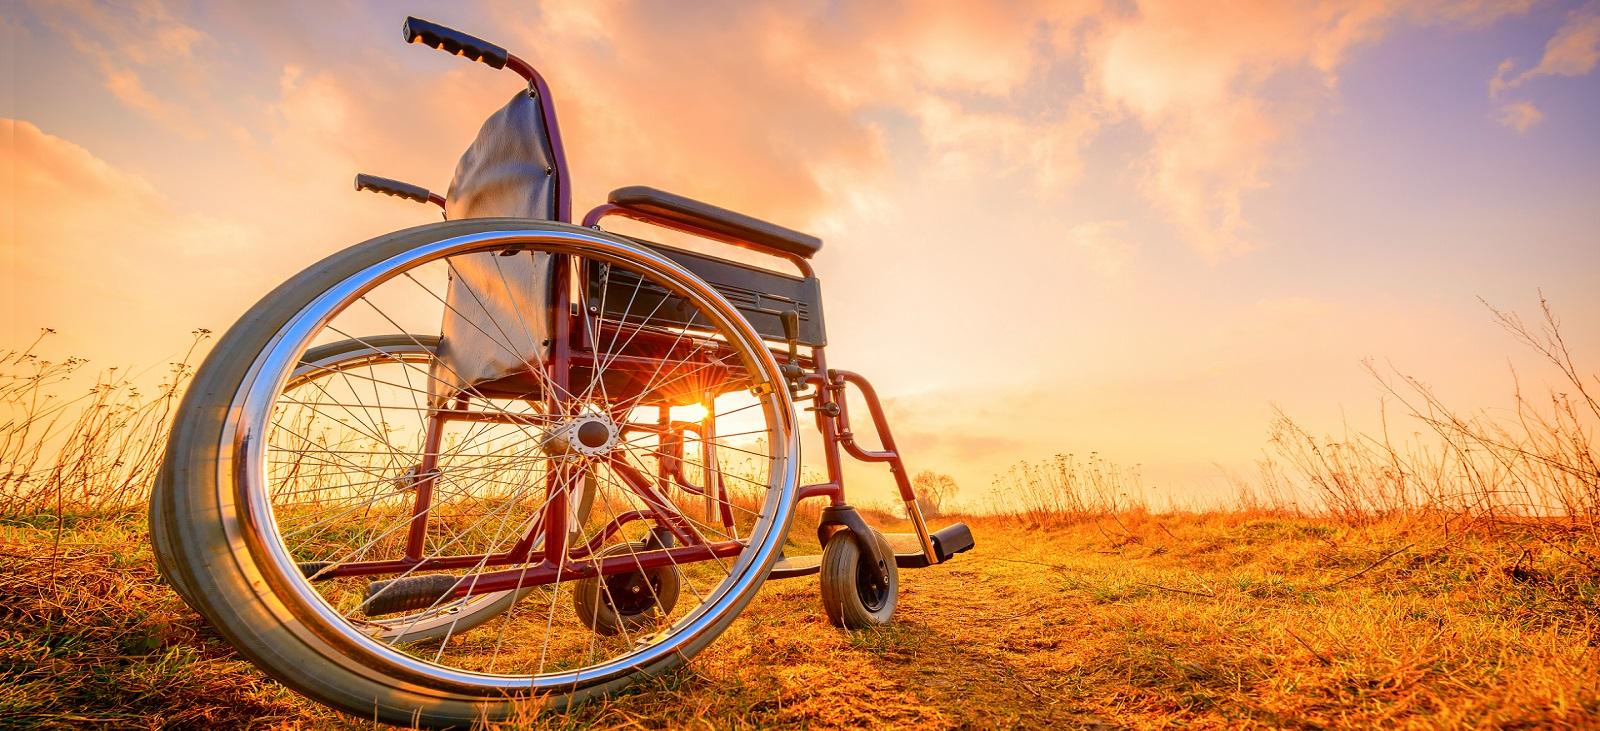 Tyhjä pyörätuoli pellon laidalla aurongon laskiessa.